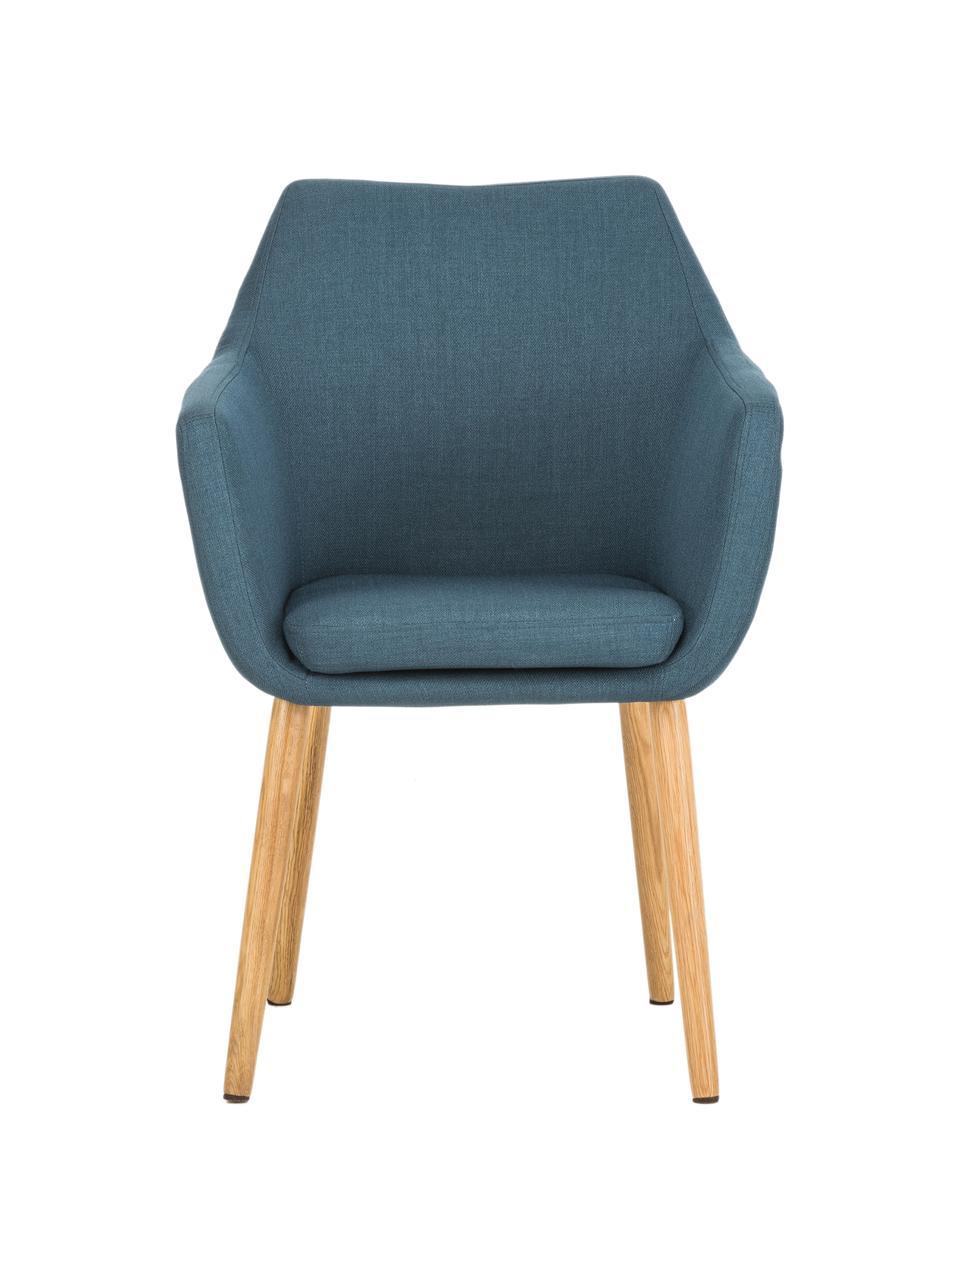 Sedia stile nordico con braccioli Nora, Rivestimento: 100% poliestere Il rivest, Gambe: legno di quercia, Tessuto blu scuro, gambe in quercia, Larg. 58 x Prof. 58 cm